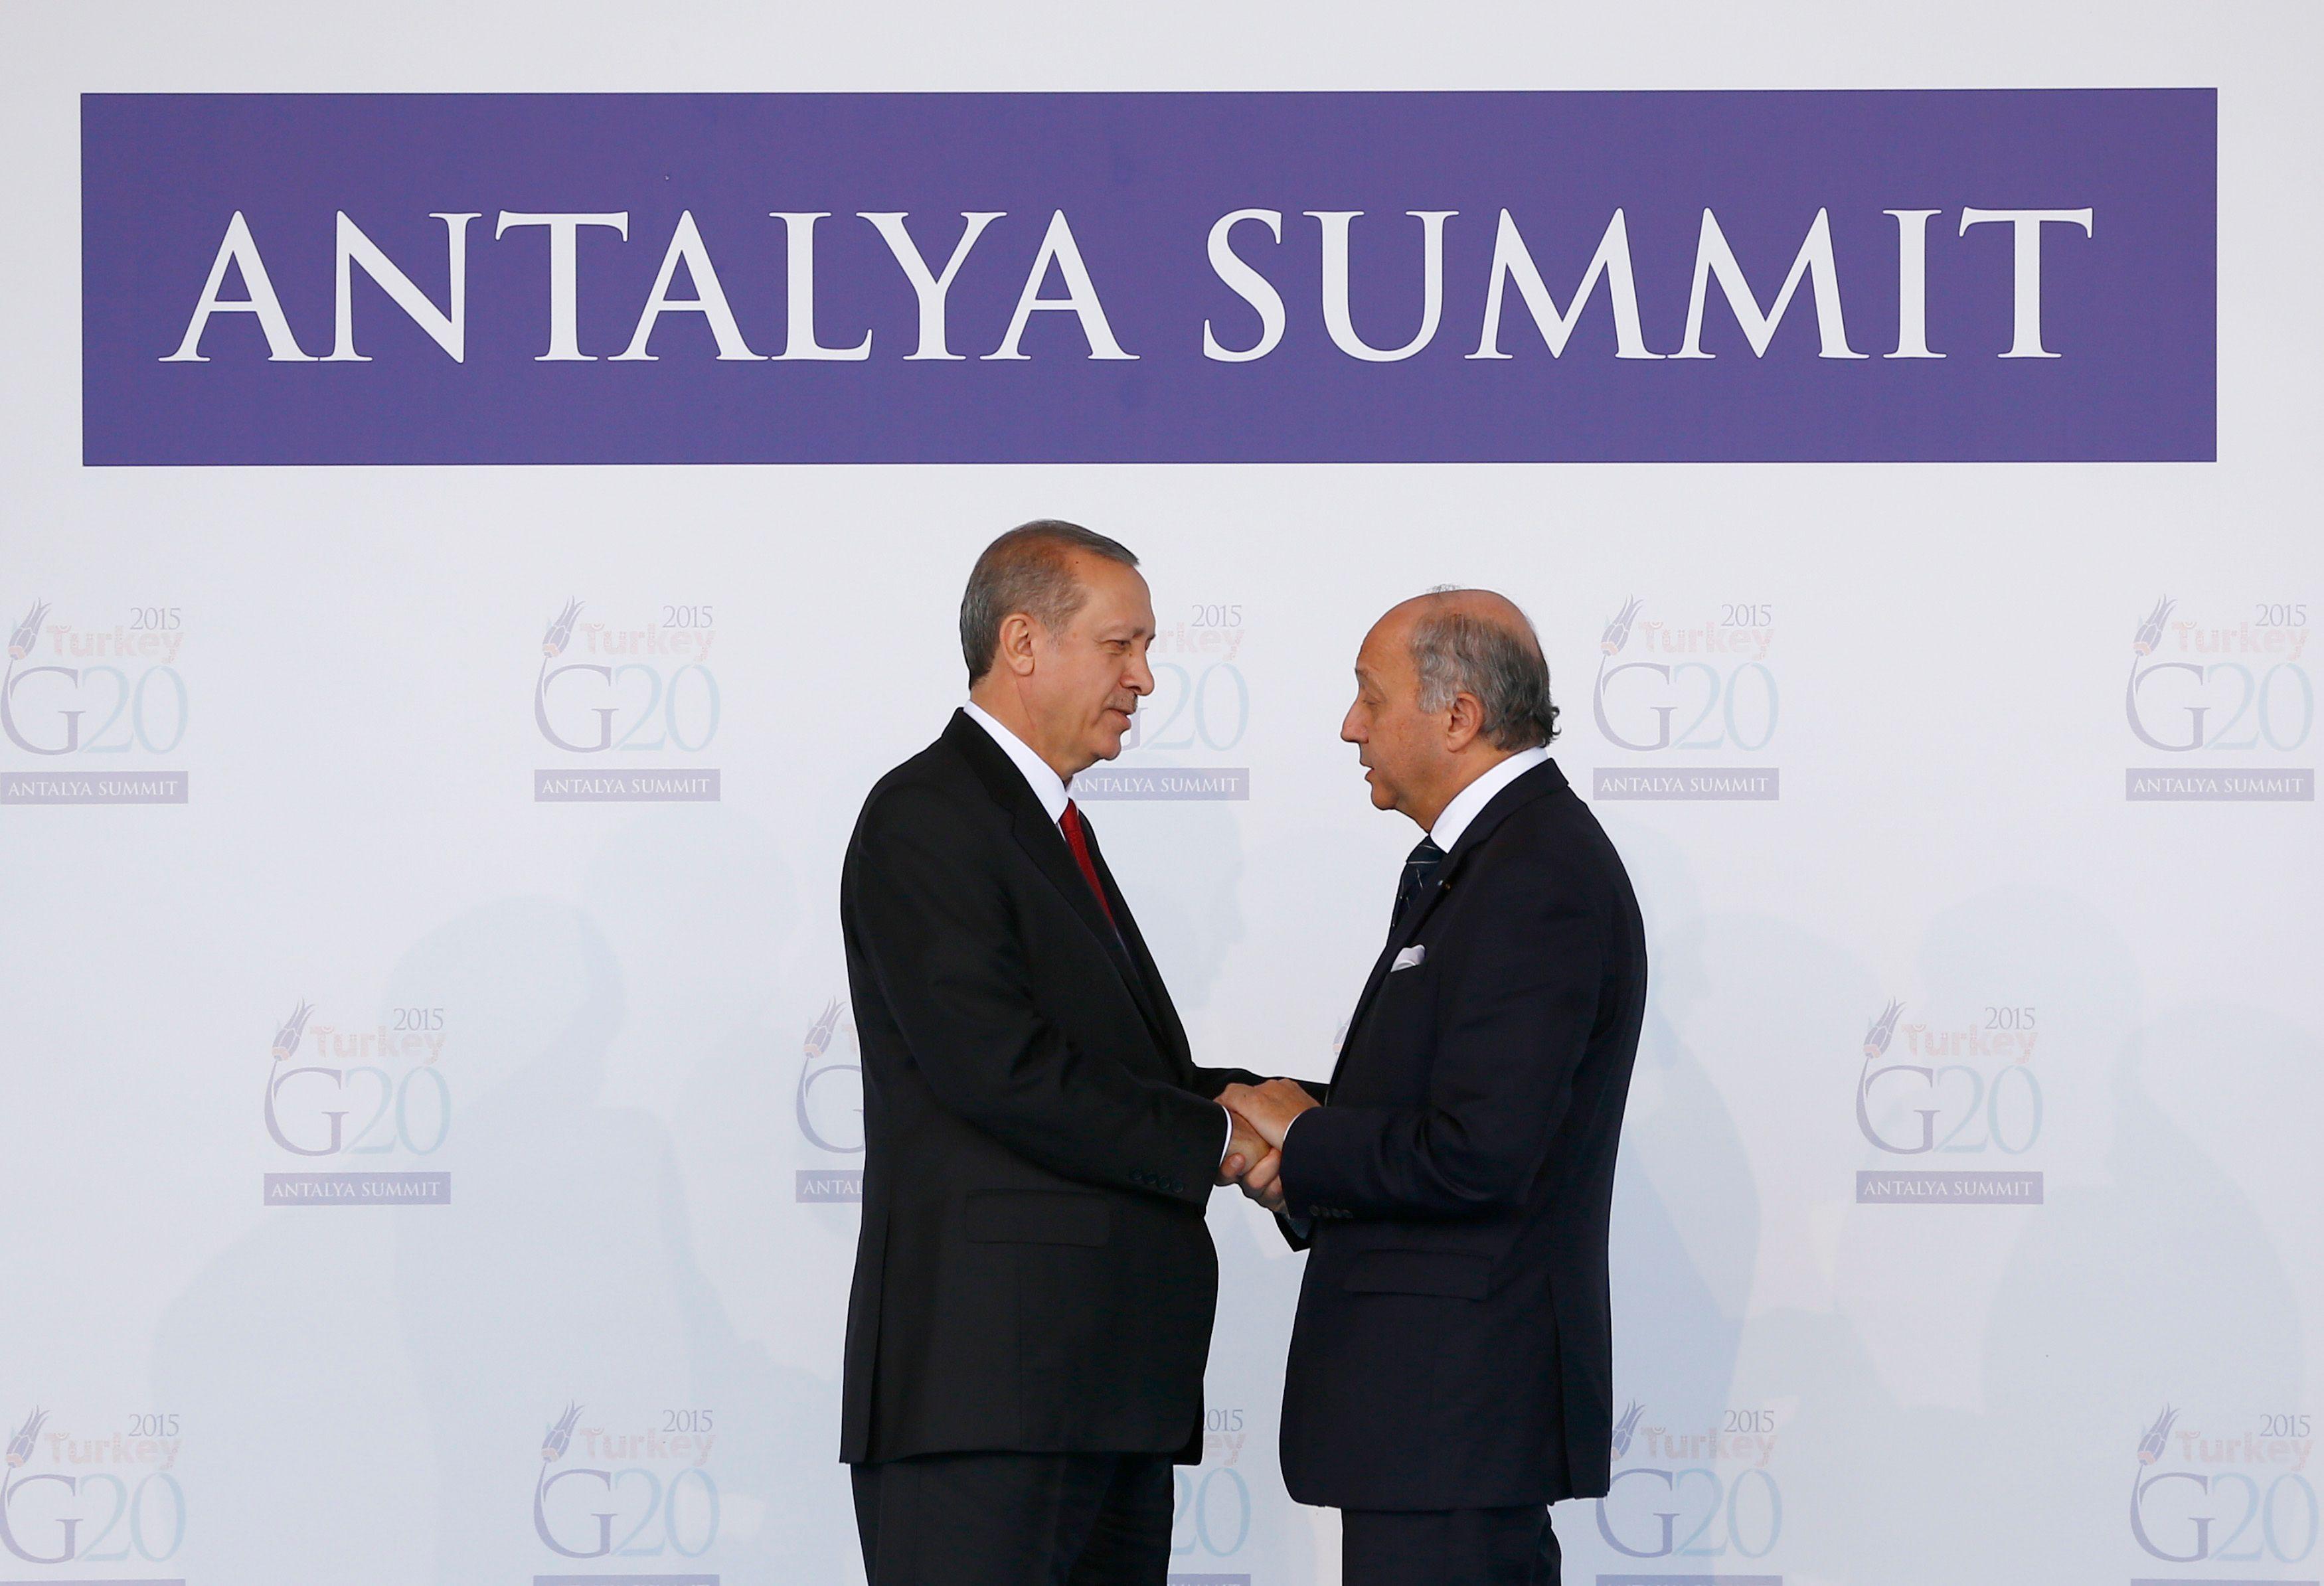 Le président turc Recep Tayyip Erdogan reçoit Laurent Fabius en ouverture du sommet.